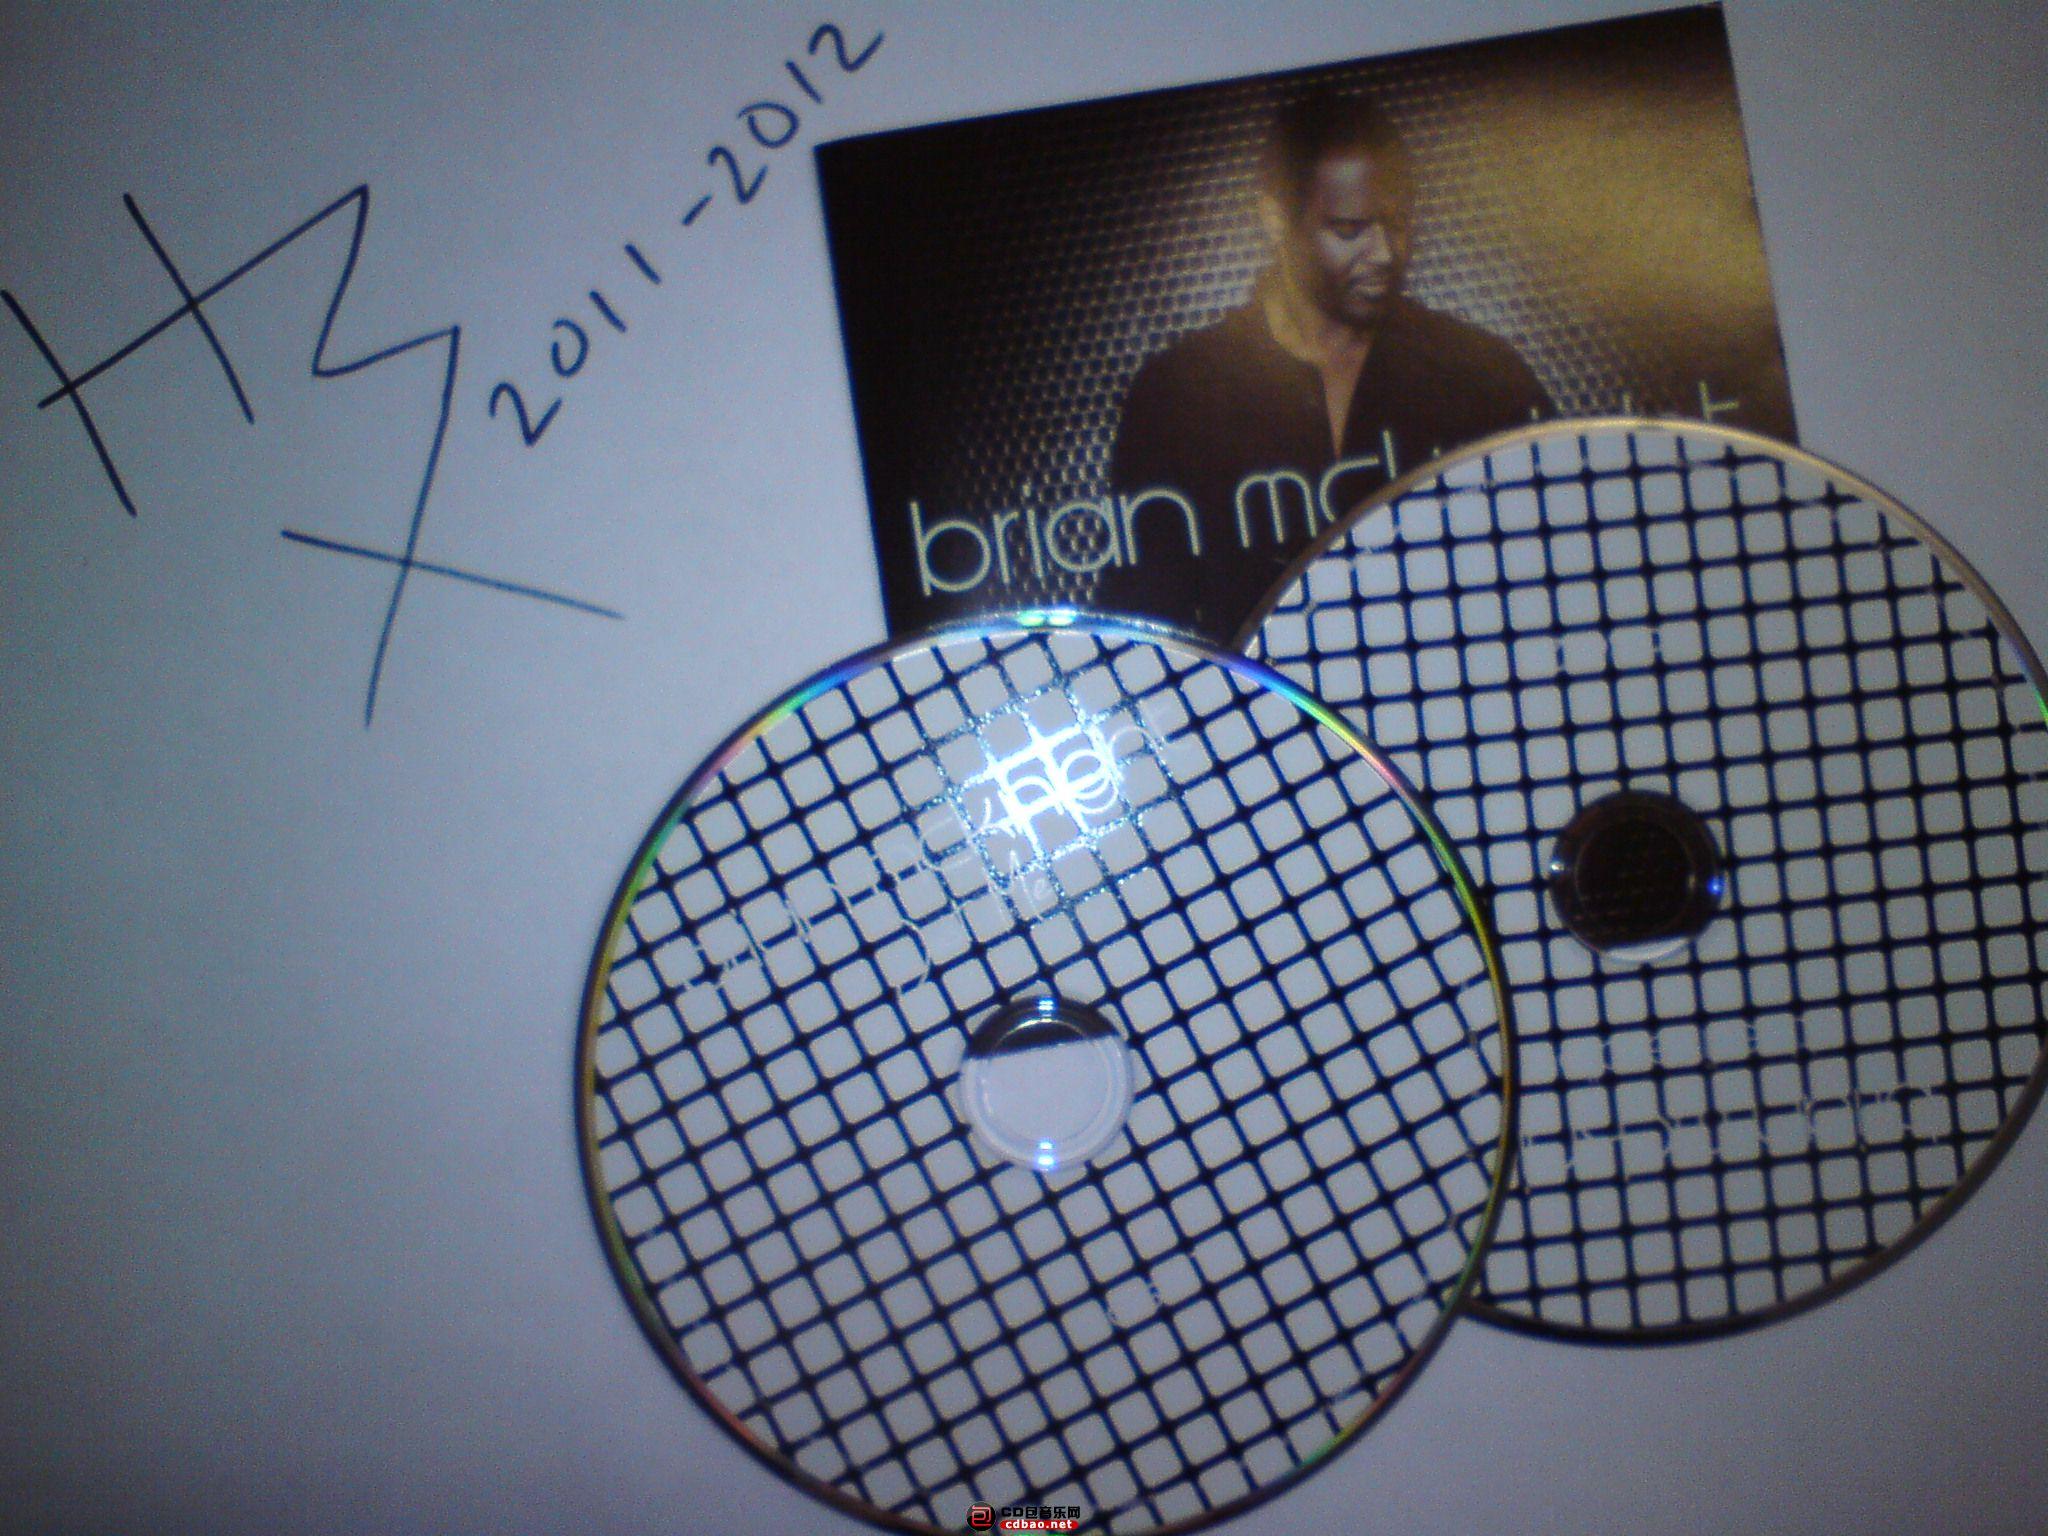 000-brian_mcknight-just_me-2011.jpg